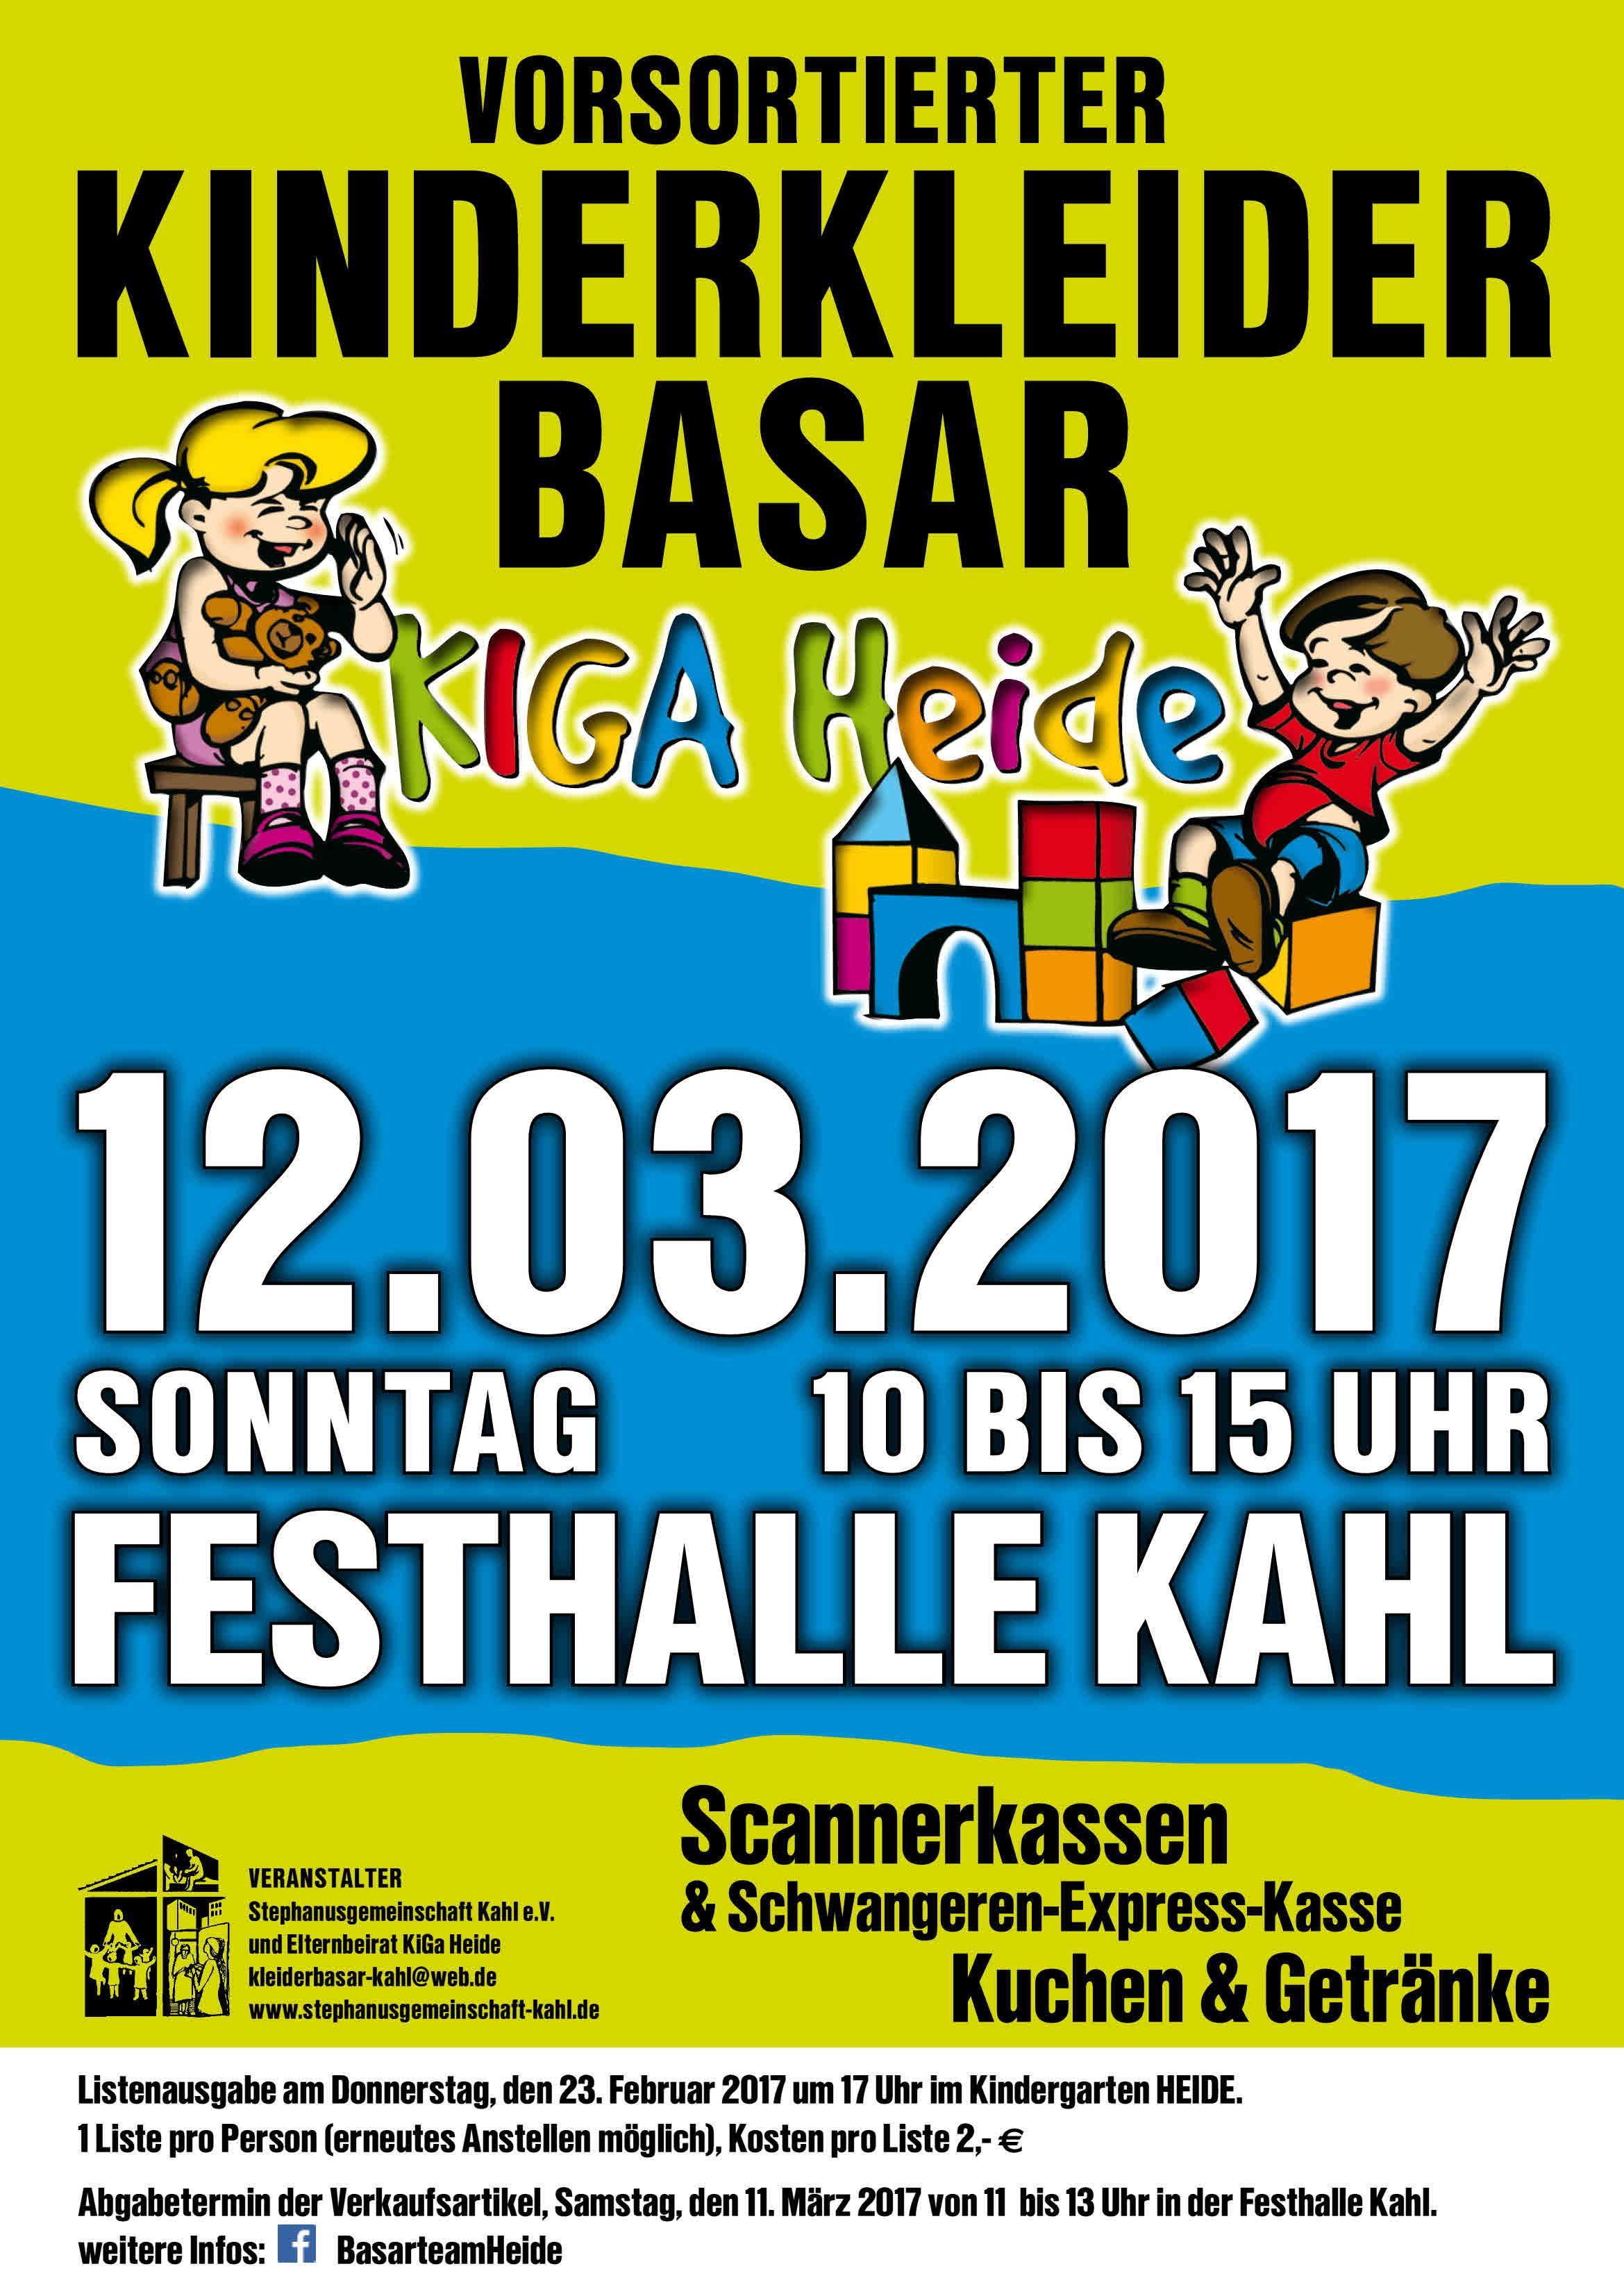 Basar Plakat A3-Frühling 2017